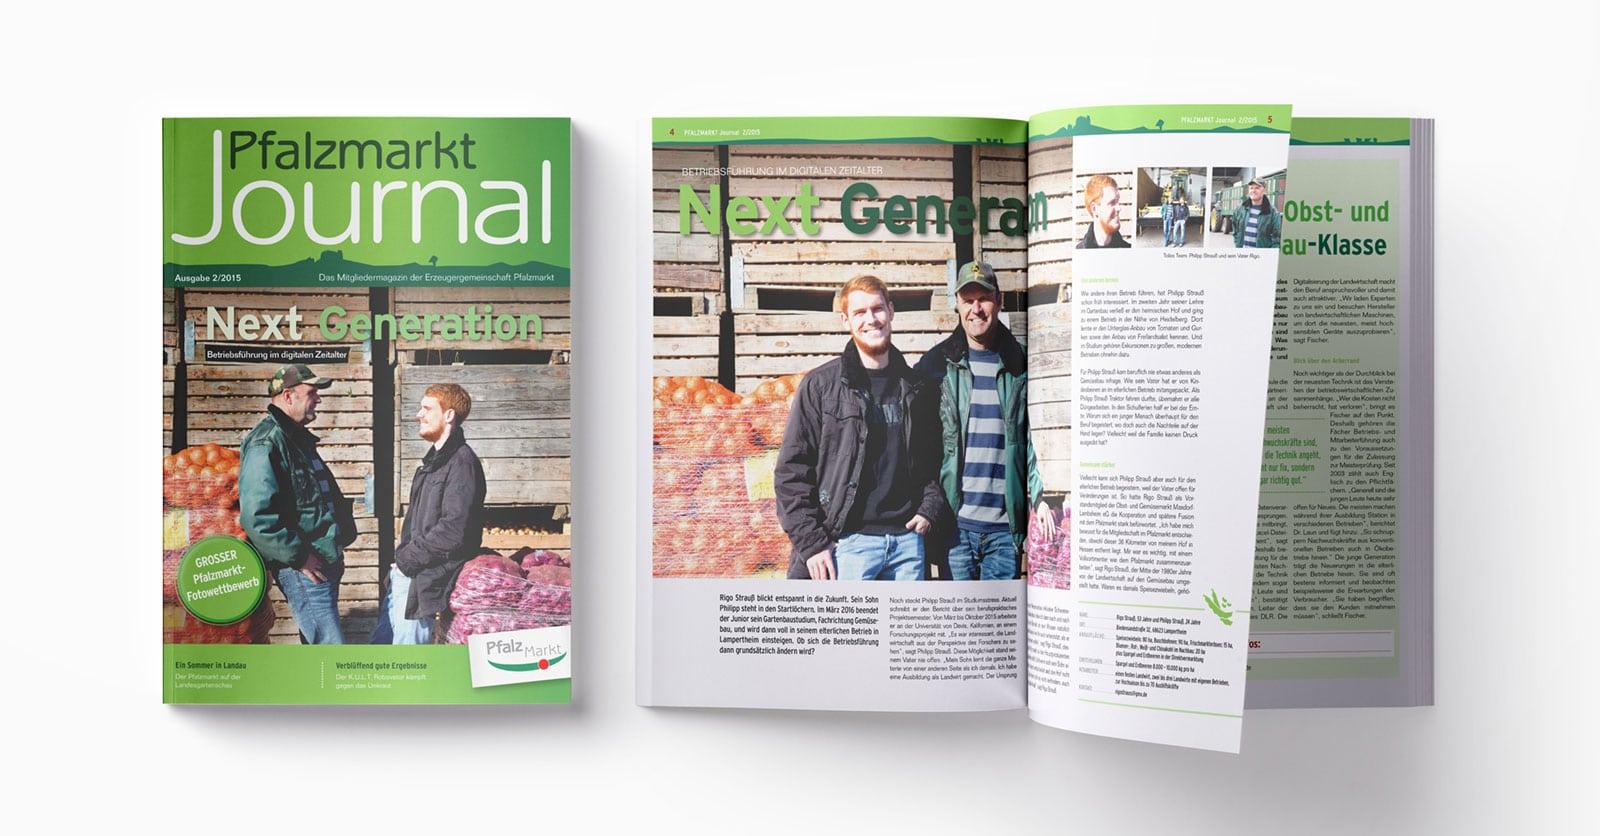 Pfalzmarkt Journal Ausgabe 2-2015